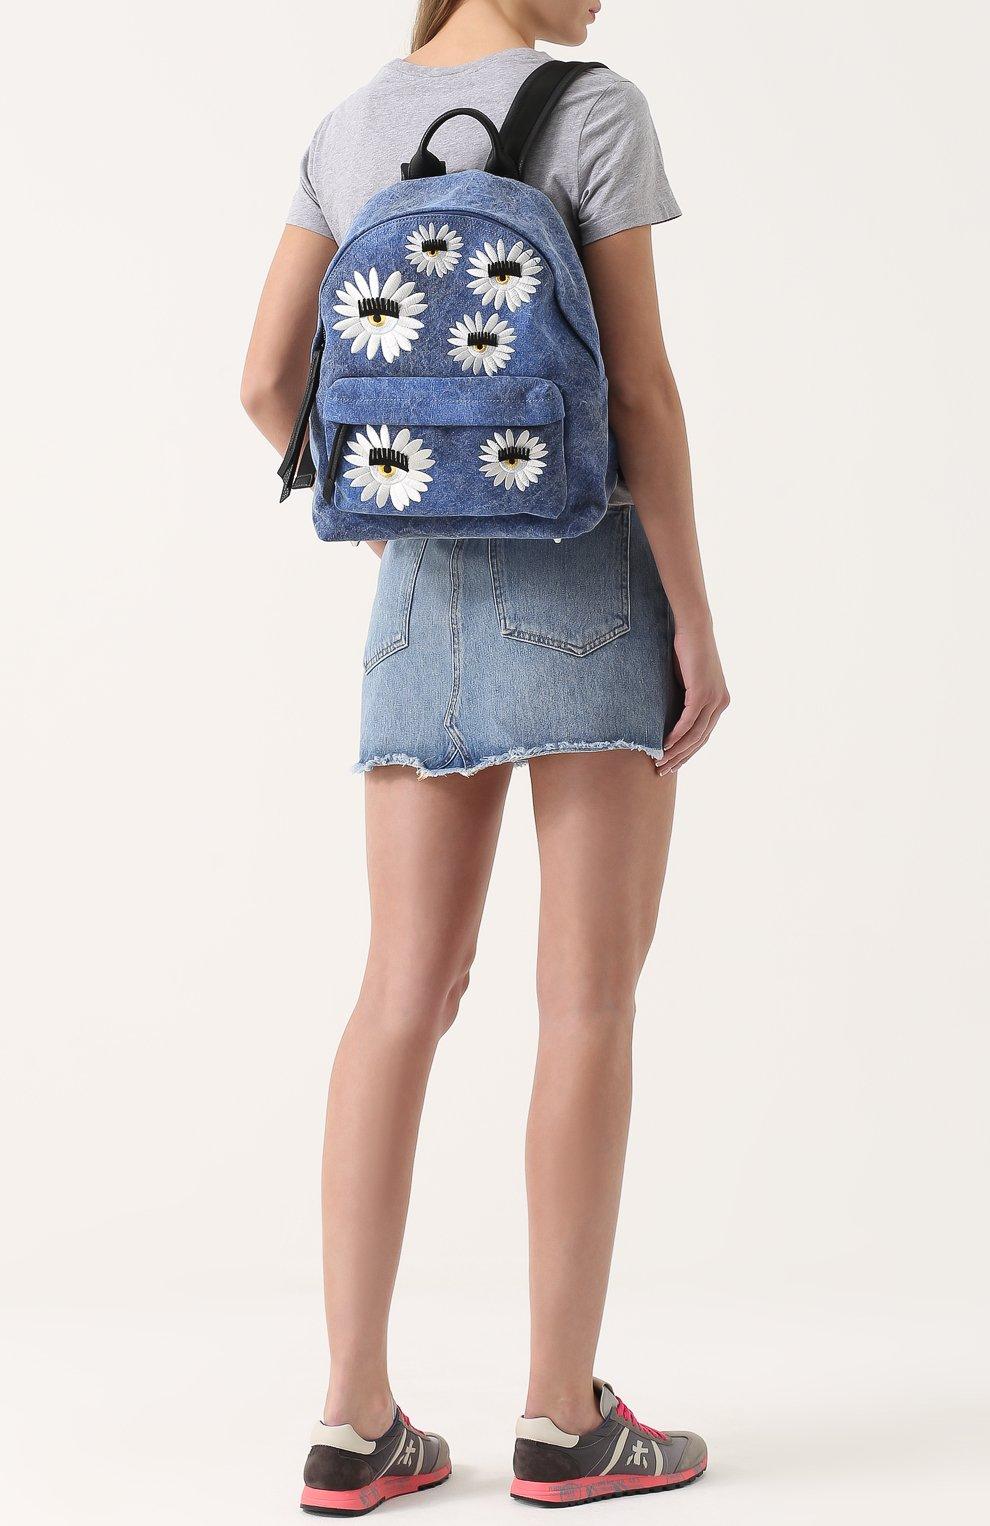 Текстильный рюкзак Flirting с вышивкой в виде цветов | Фото №2